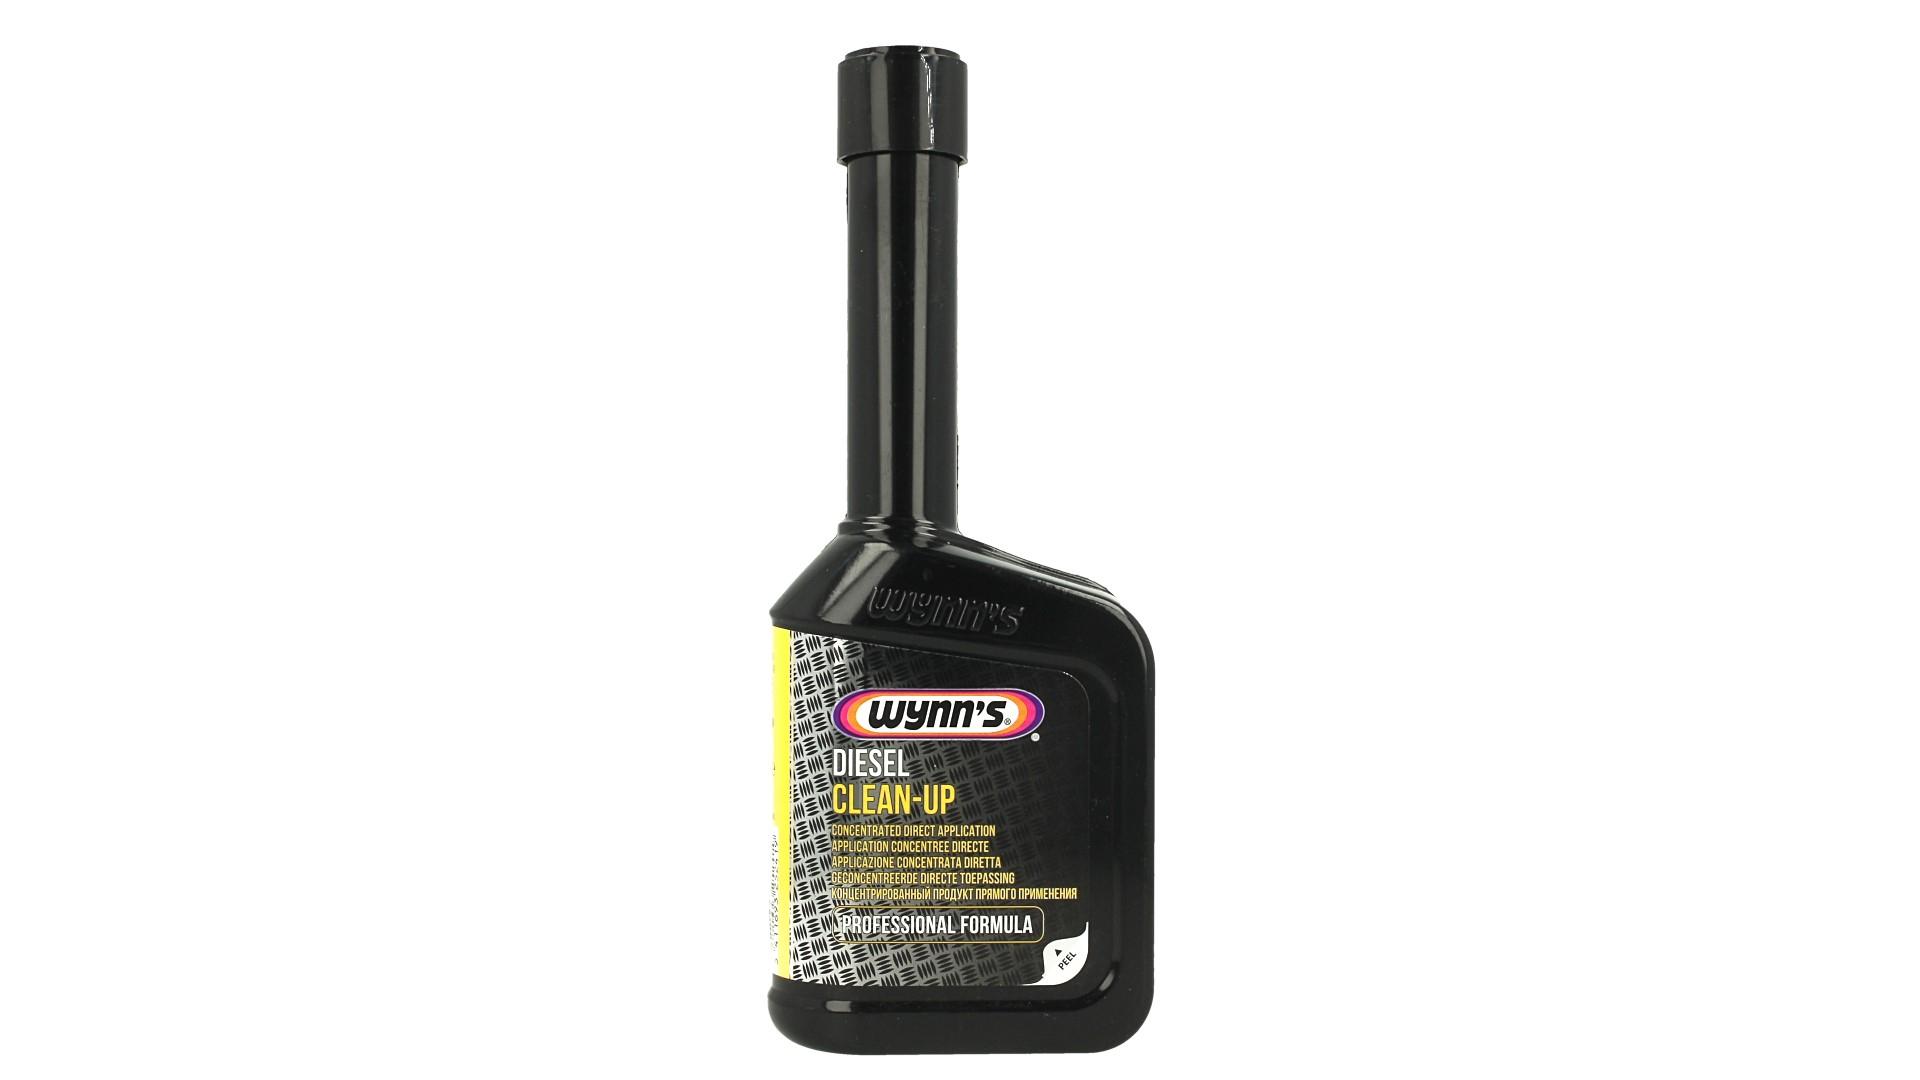 Wynns Diesel Clean Up Pulitore Pompa Iniettori Tubazioni Riduce Fumo e Emissione 325ml - PZ